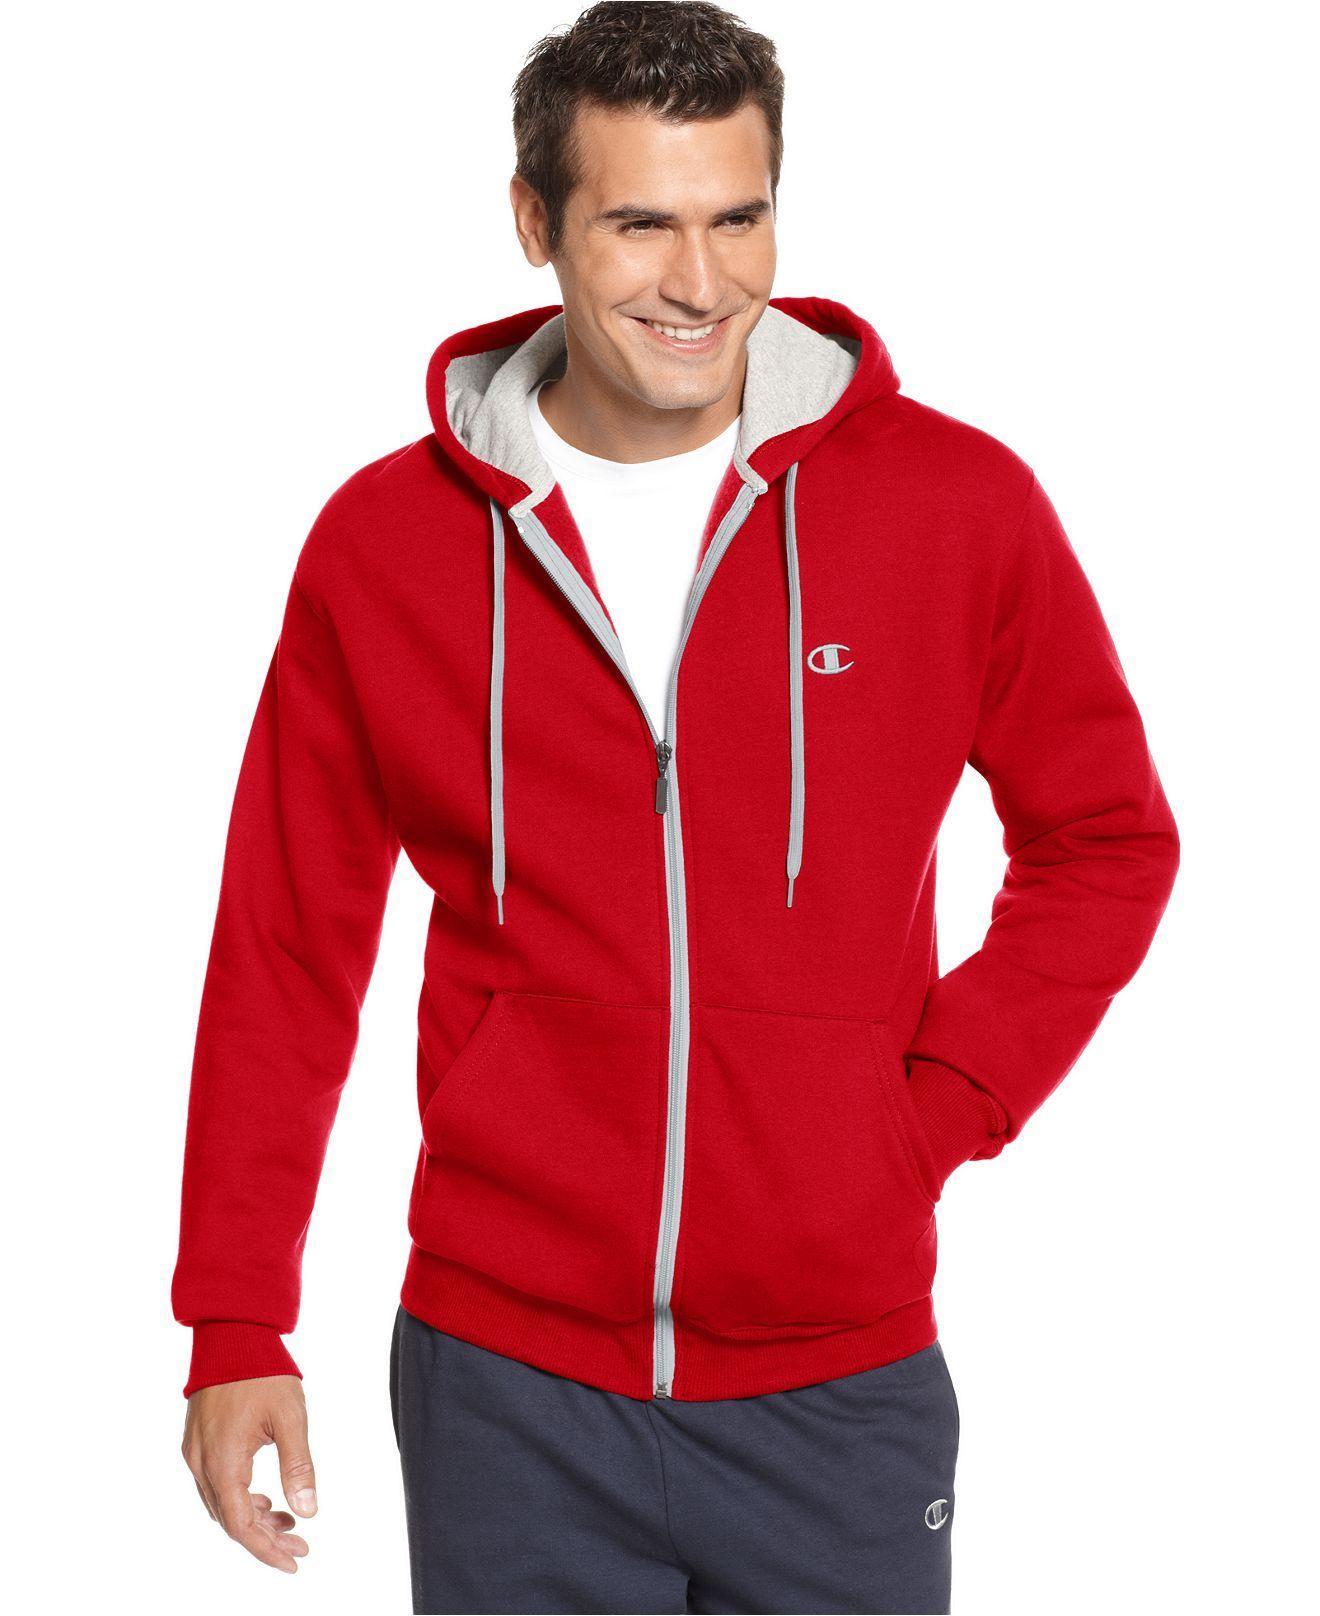 c940af4f0 Champion Sweatshirt